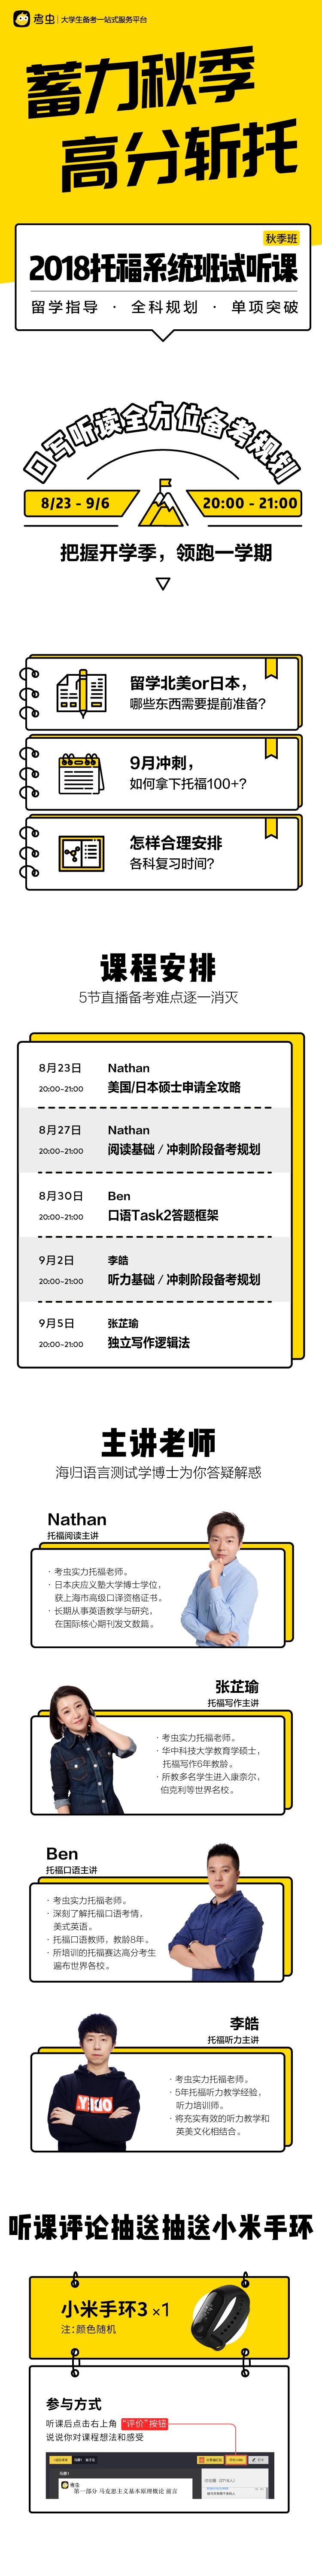 秋季公开课详情图.jpg